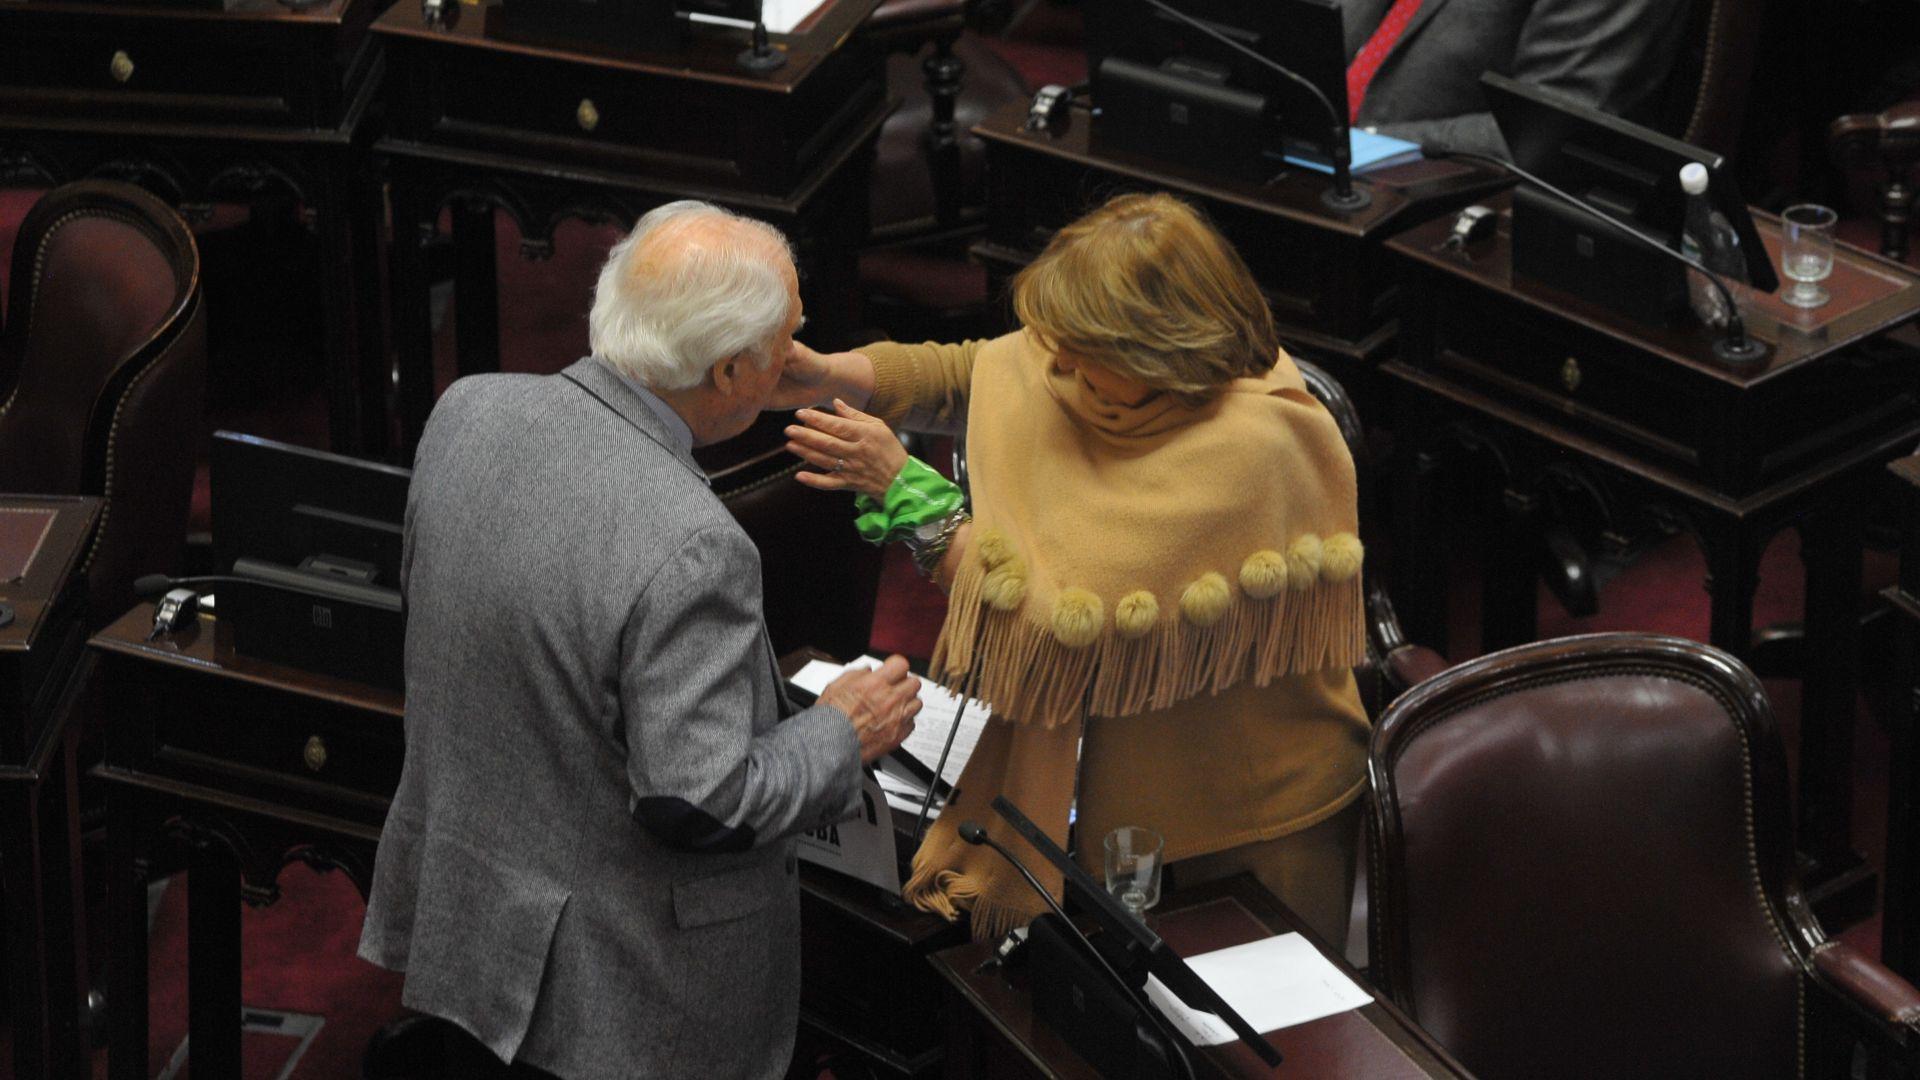 La senadora Norma Durando y el senador Pino Solanas